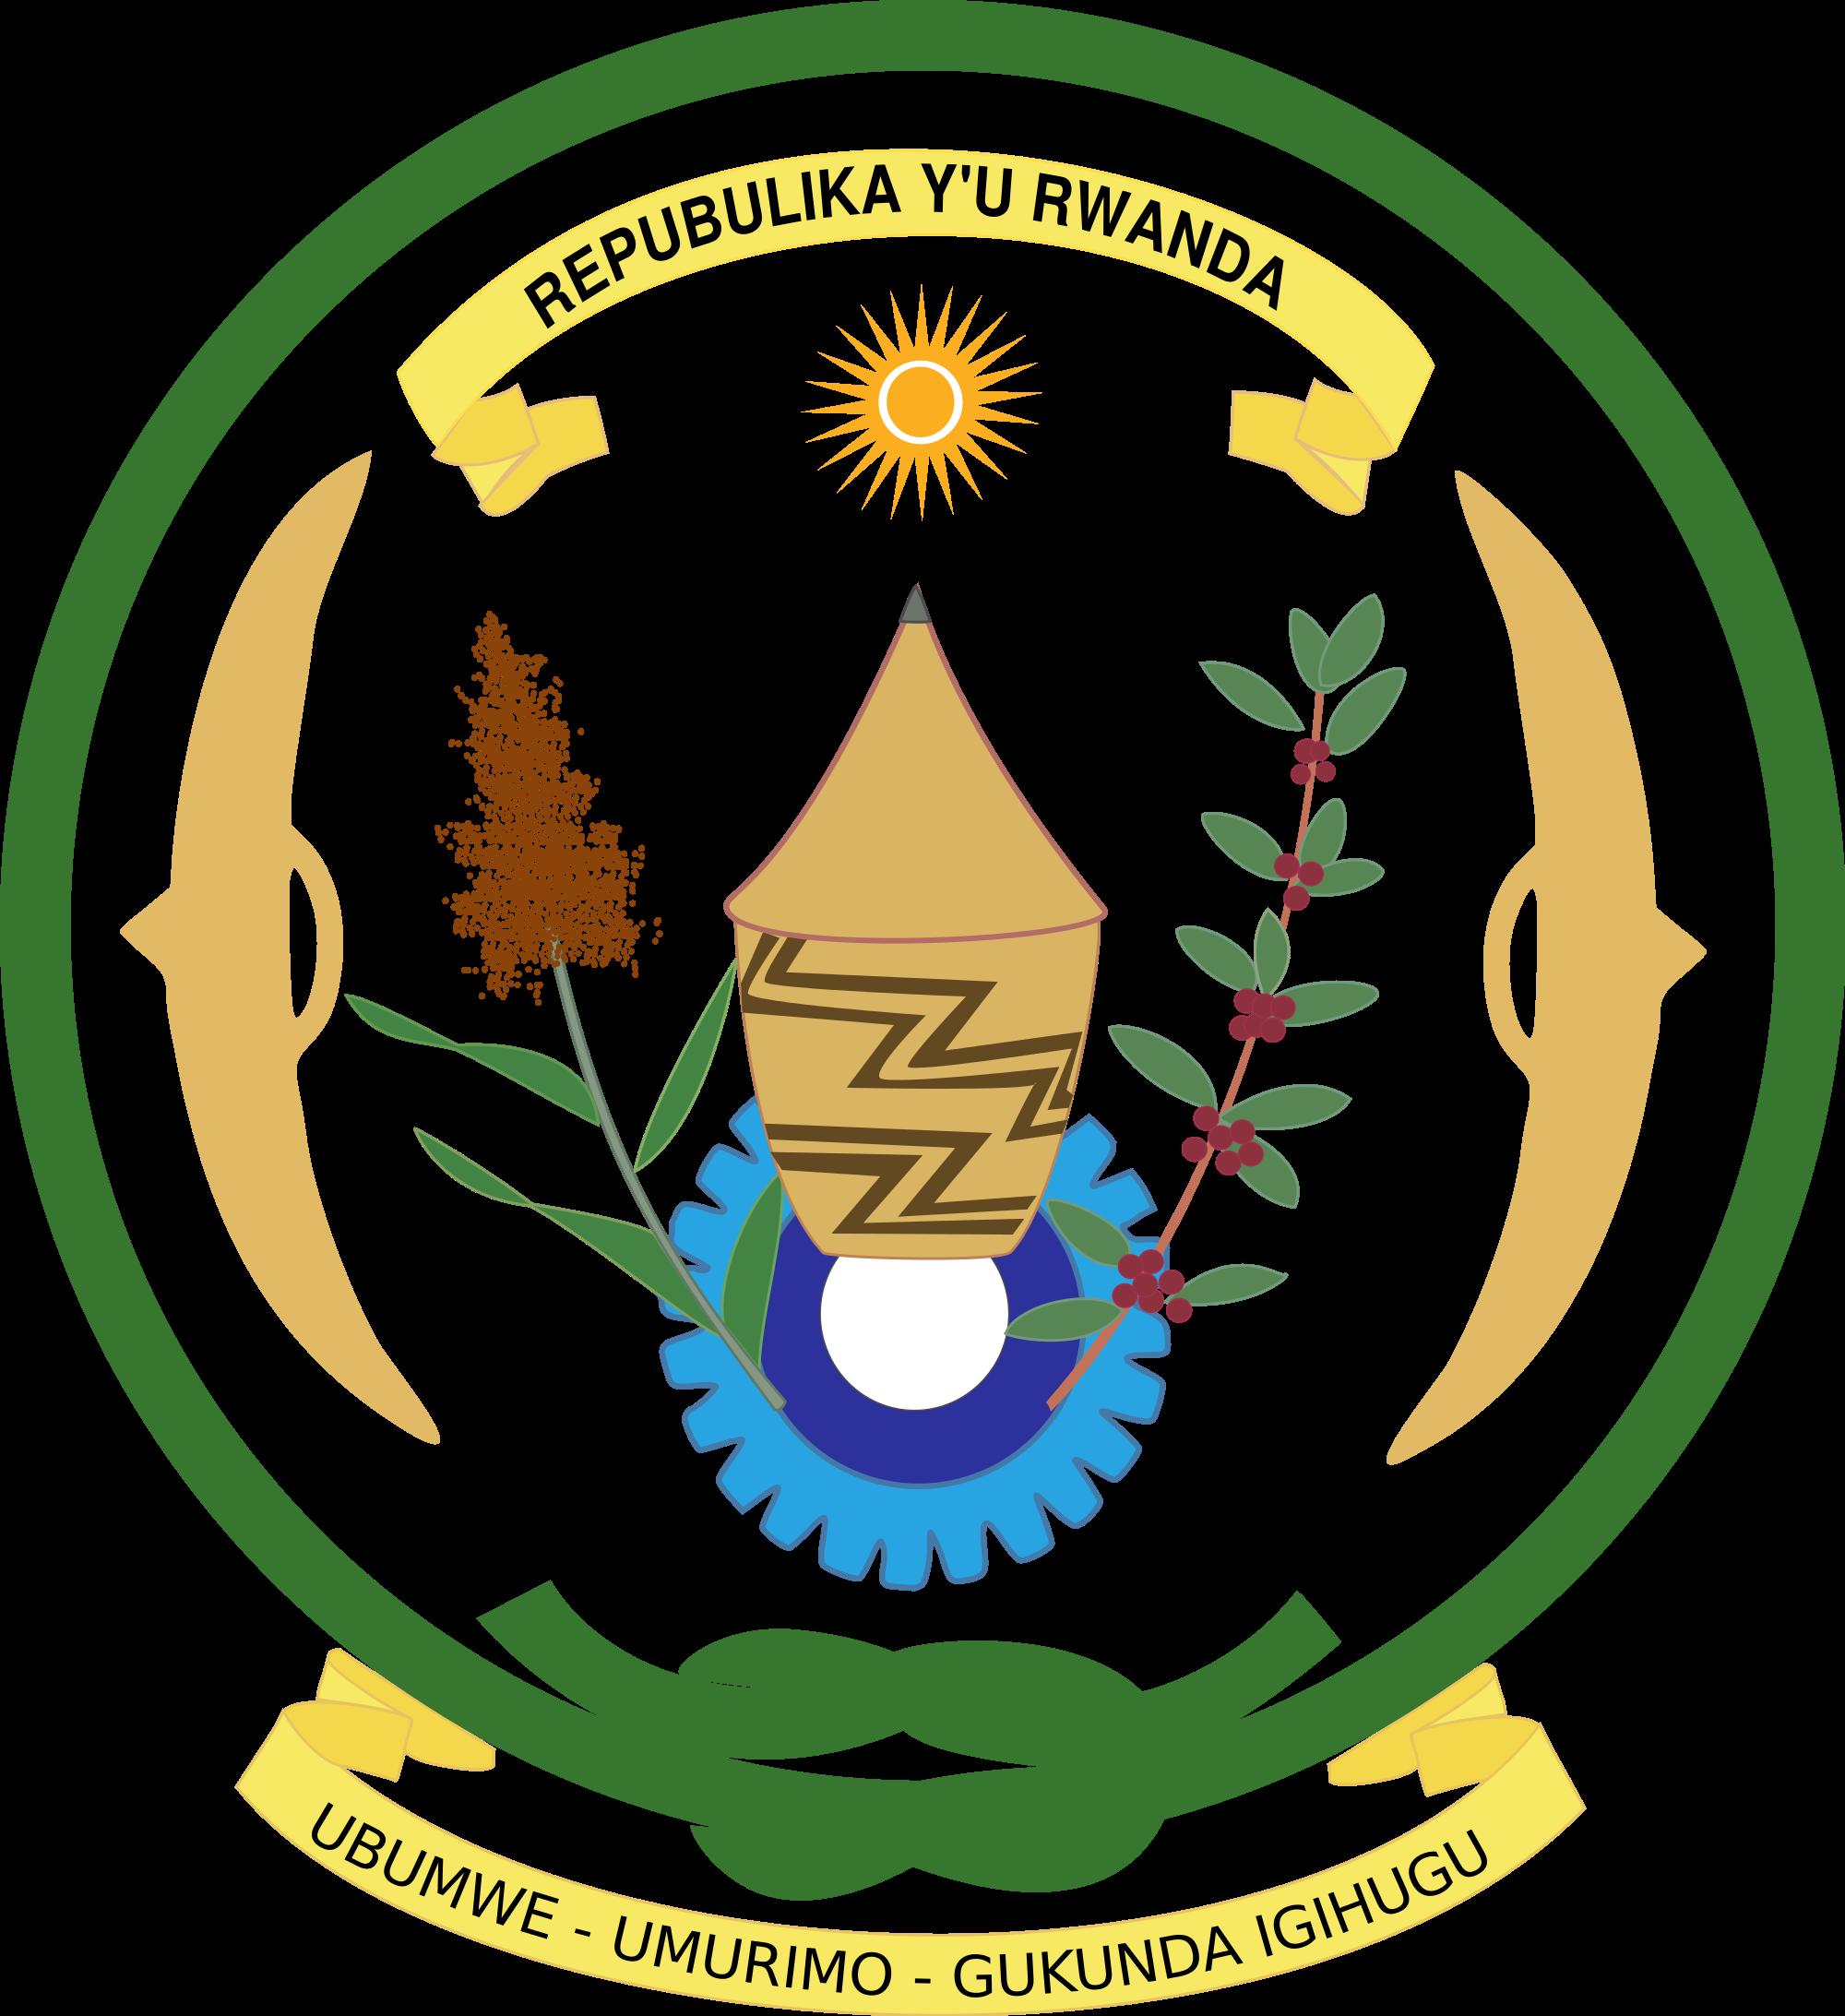 Wapenschild van rwanda